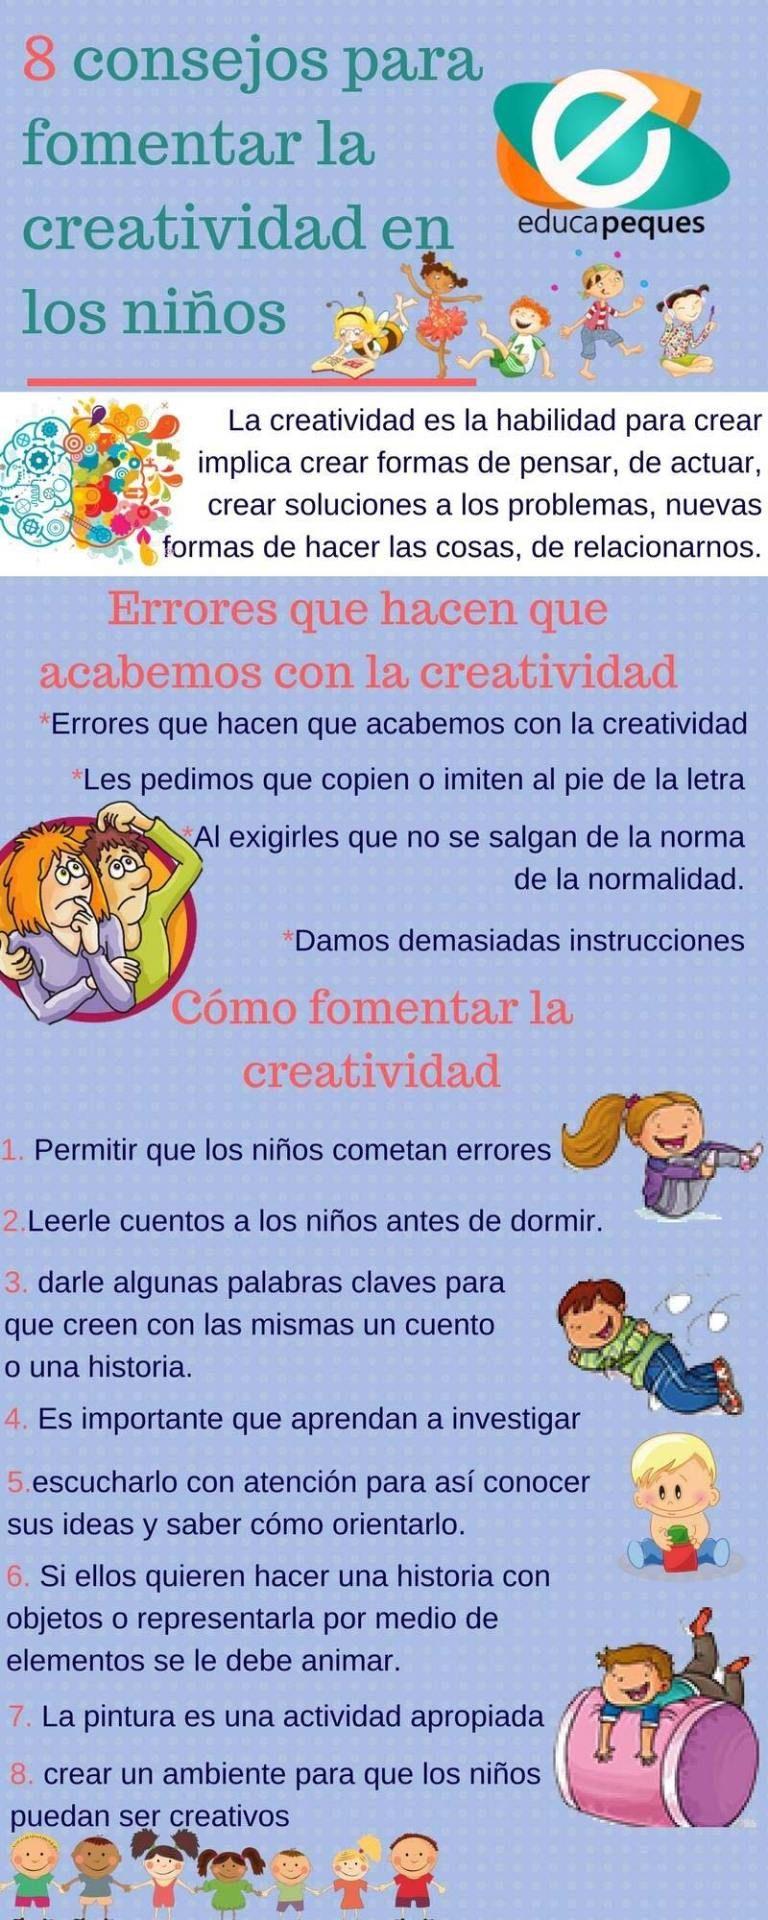 Infografía 8 Consejos Para Fomentar La Creatividad Infantil Infografias Para Niños Pedagogia Infantil Psicologia Niños